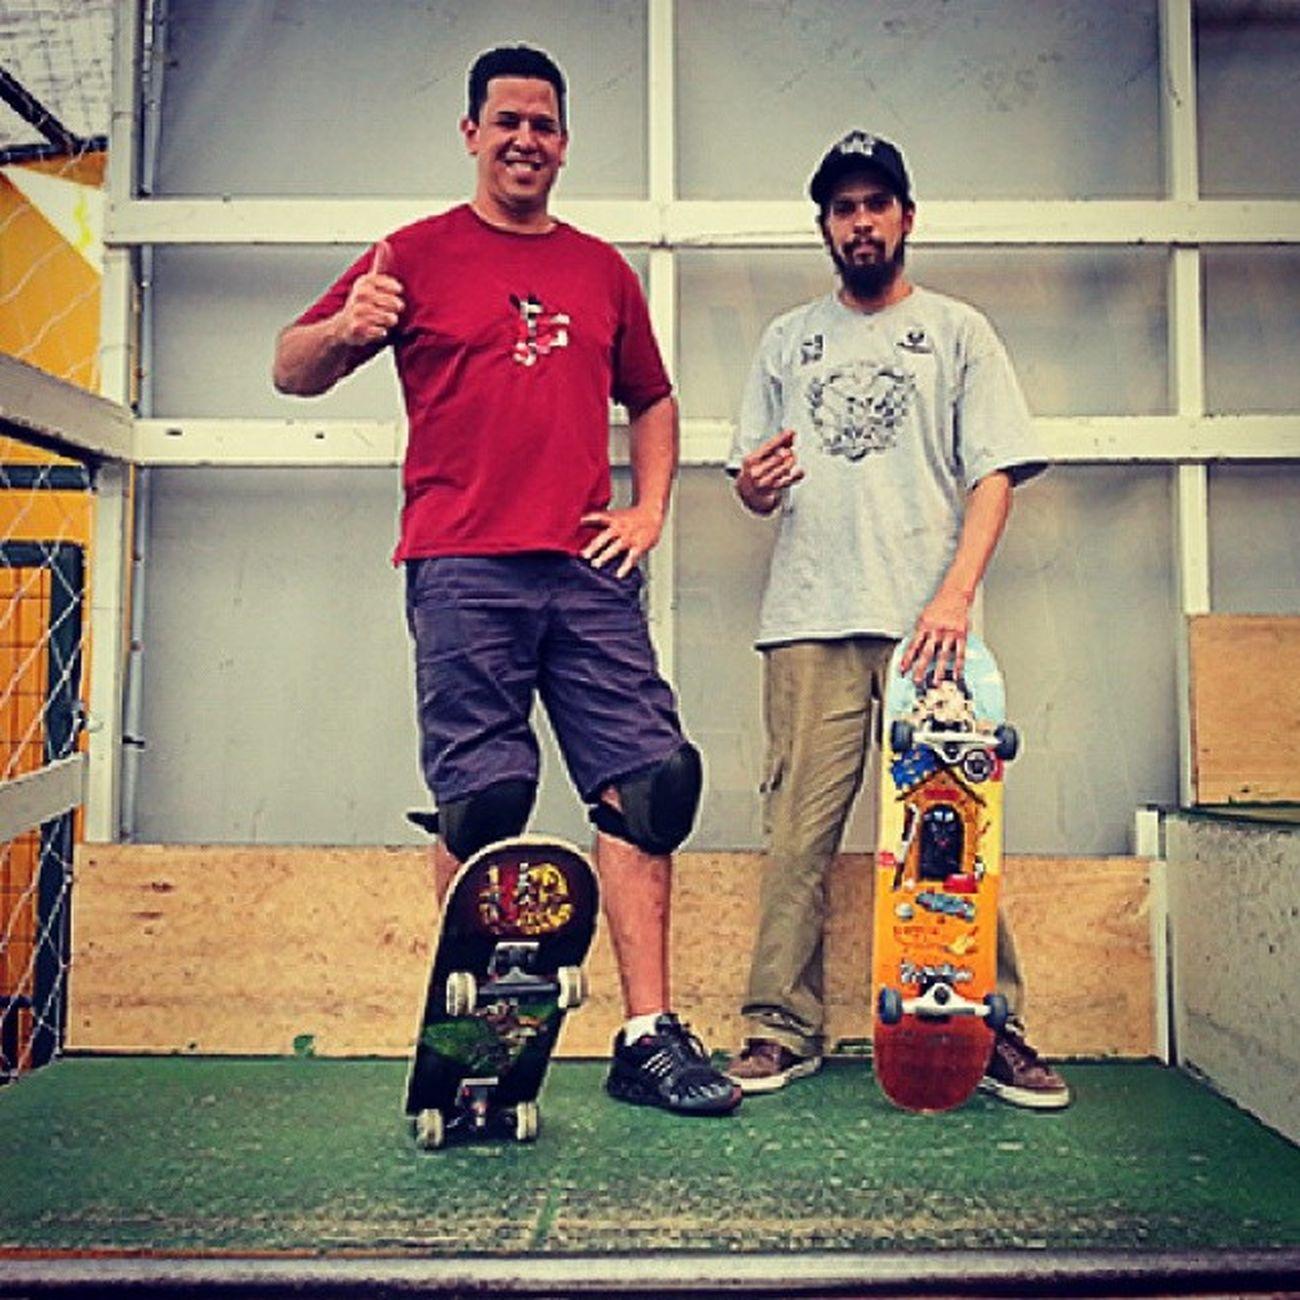 Urgh Tent Vert House Skate , Halfpipe , Skateoldschool , Skateboarding , trasher